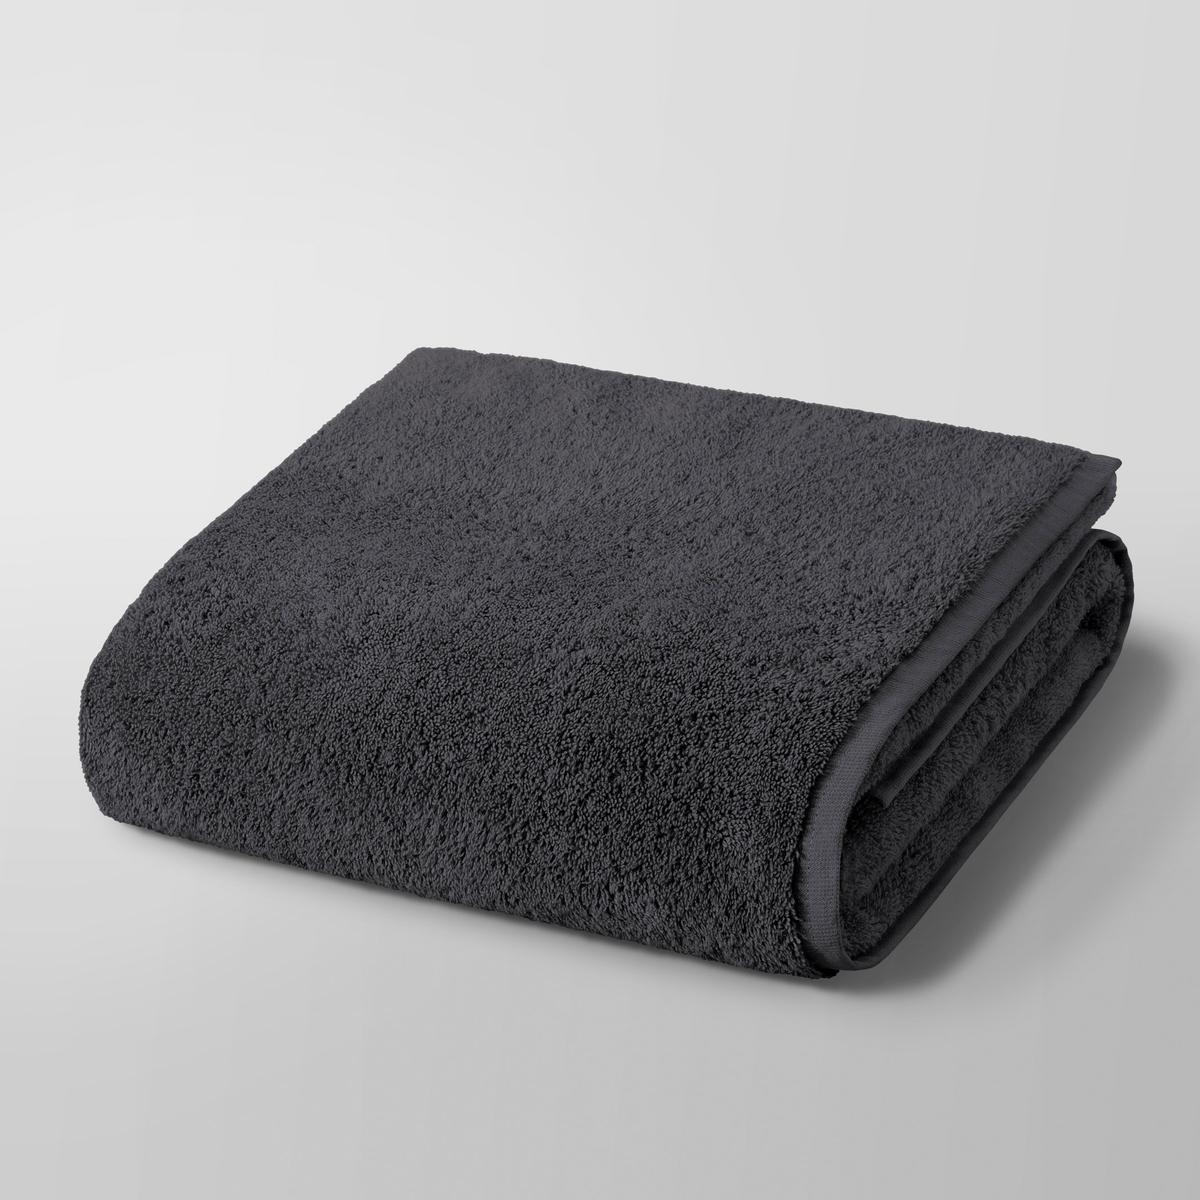 Полотенце для душа макси Gilbear, 100% хлопок